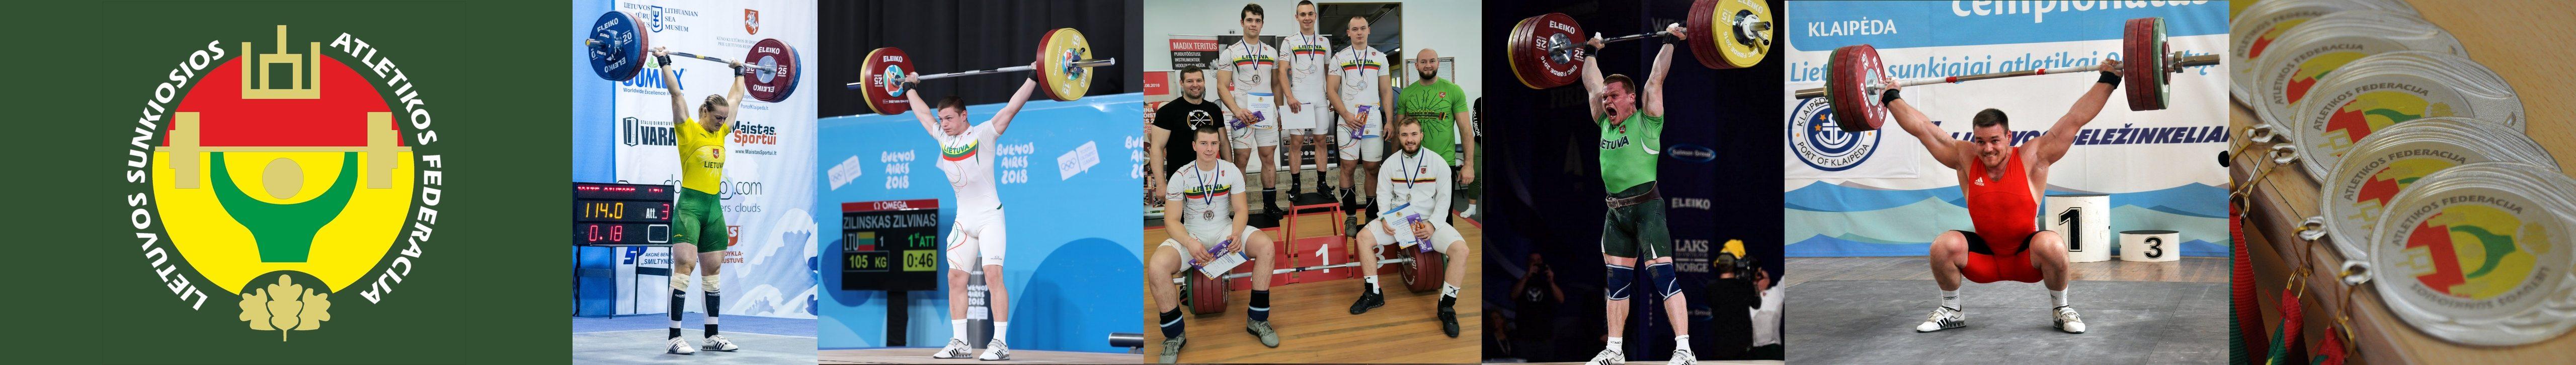 Lietuvos sunkiosios atletikos federacija